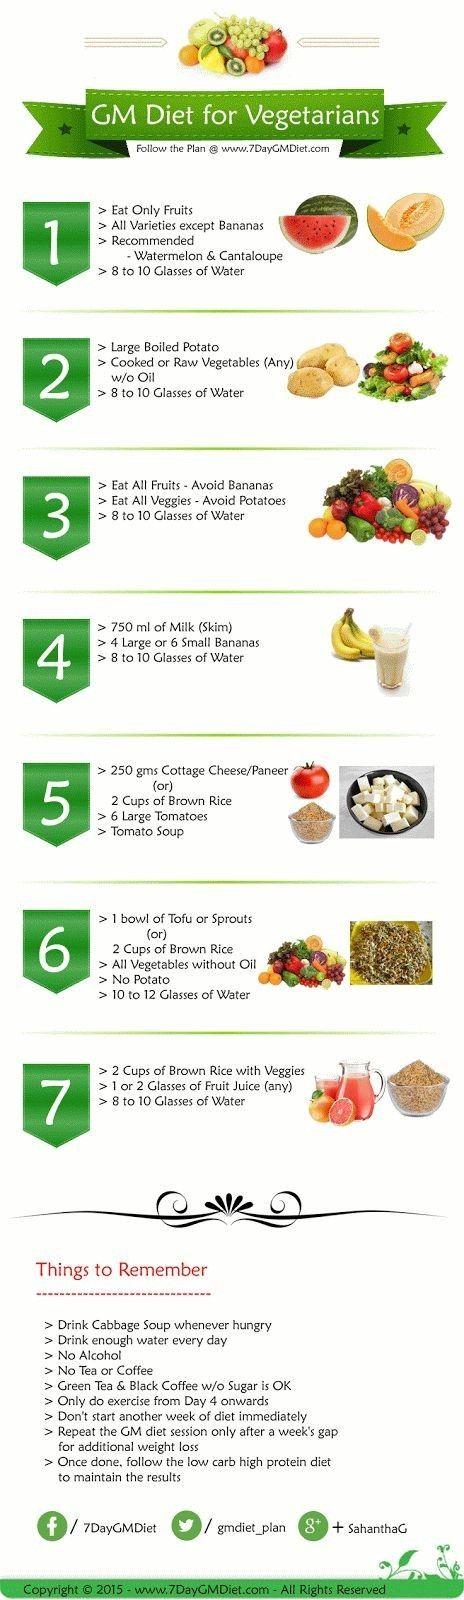 Diet Gm Menu : Vegetarians, Diet,, Plans,, General, Motors